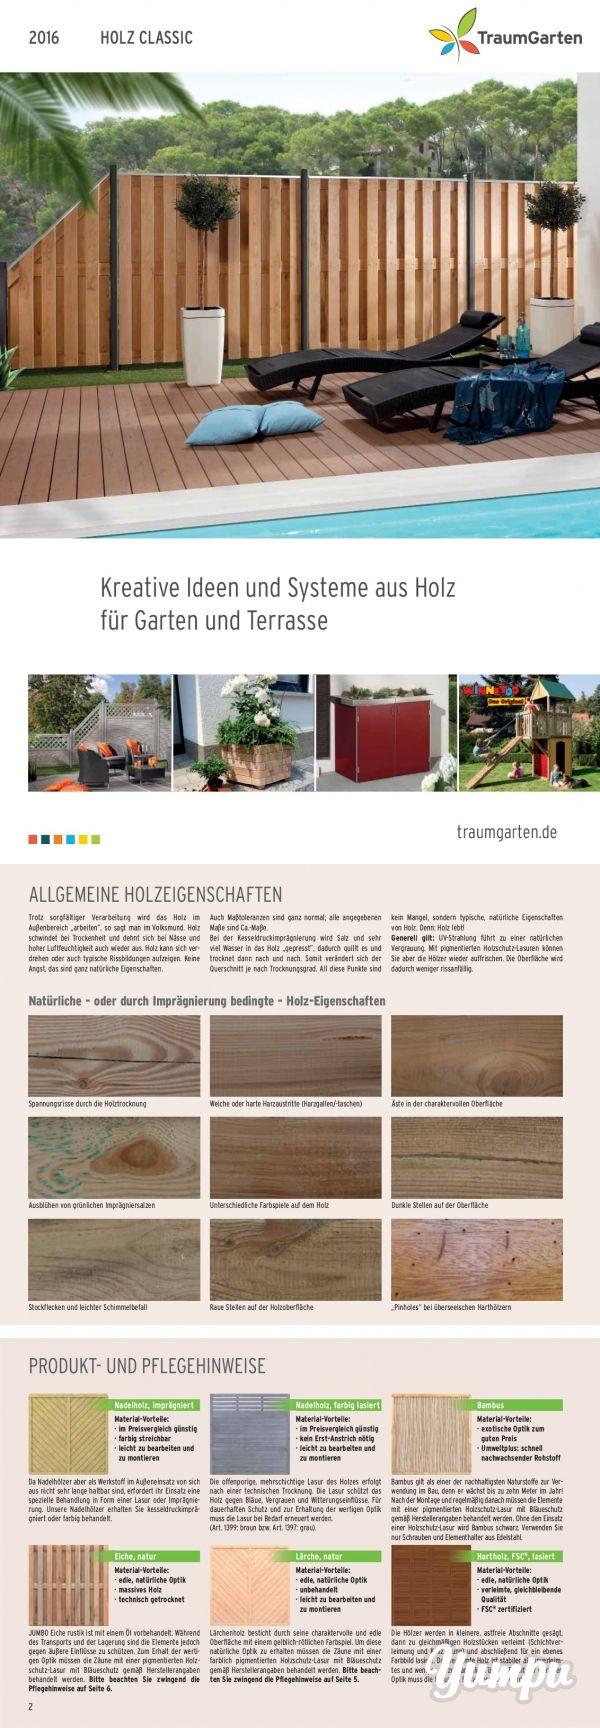 Traumgarten Holz Classic Sichtschutz - Traumhafter Sichtschutz aus Holz.